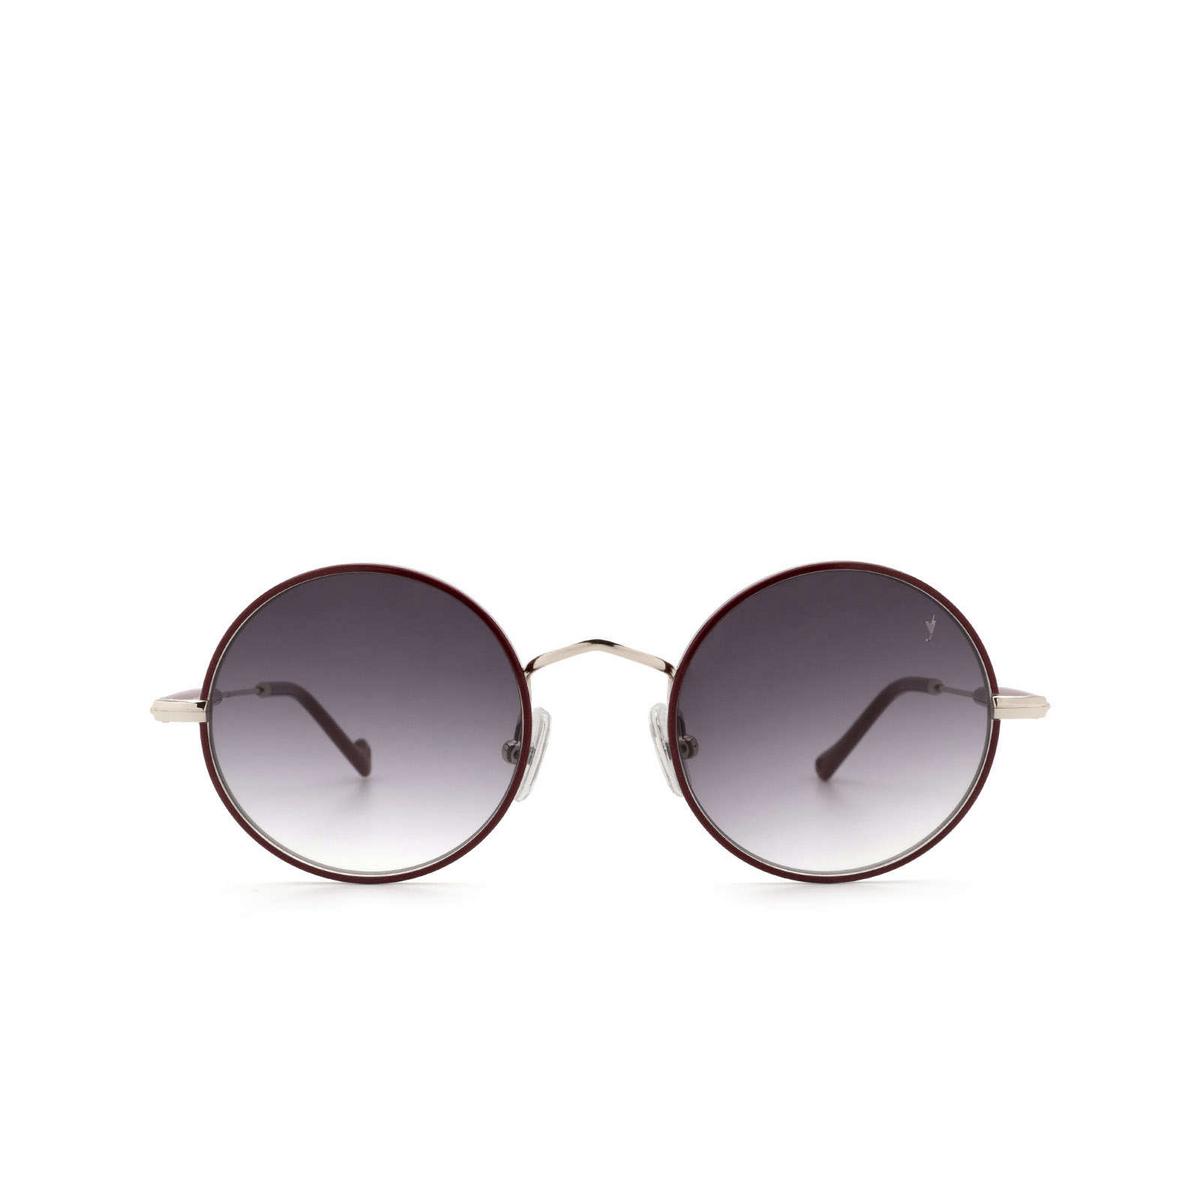 Eyepetizer® Round Sunglasses: Quatre color Bordeaux C.1-C-P-27 - front view.